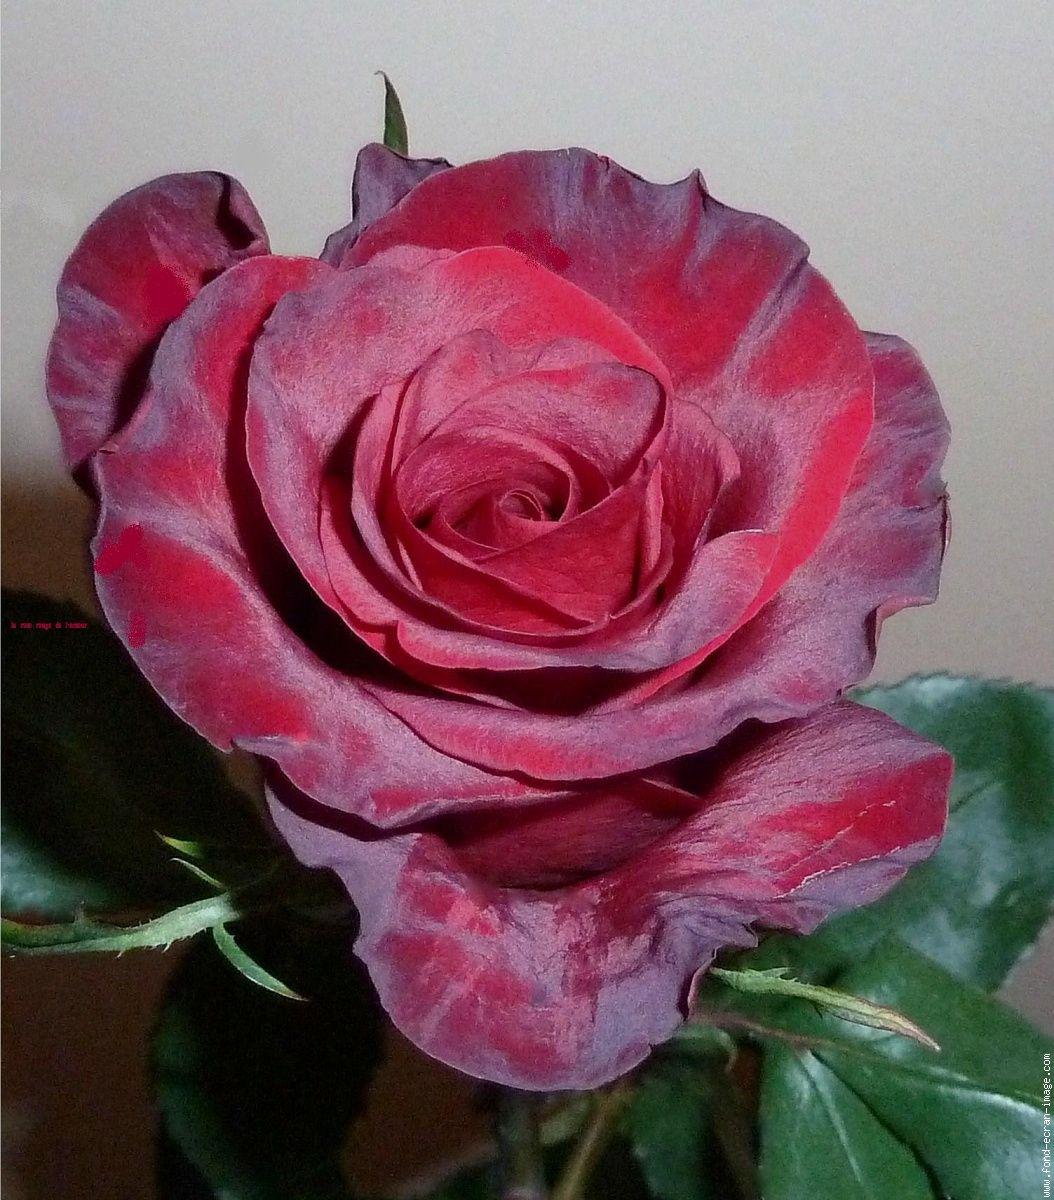 Fleur Rose Rouge La Rose Rouge De L Amour Beaute Naturelle